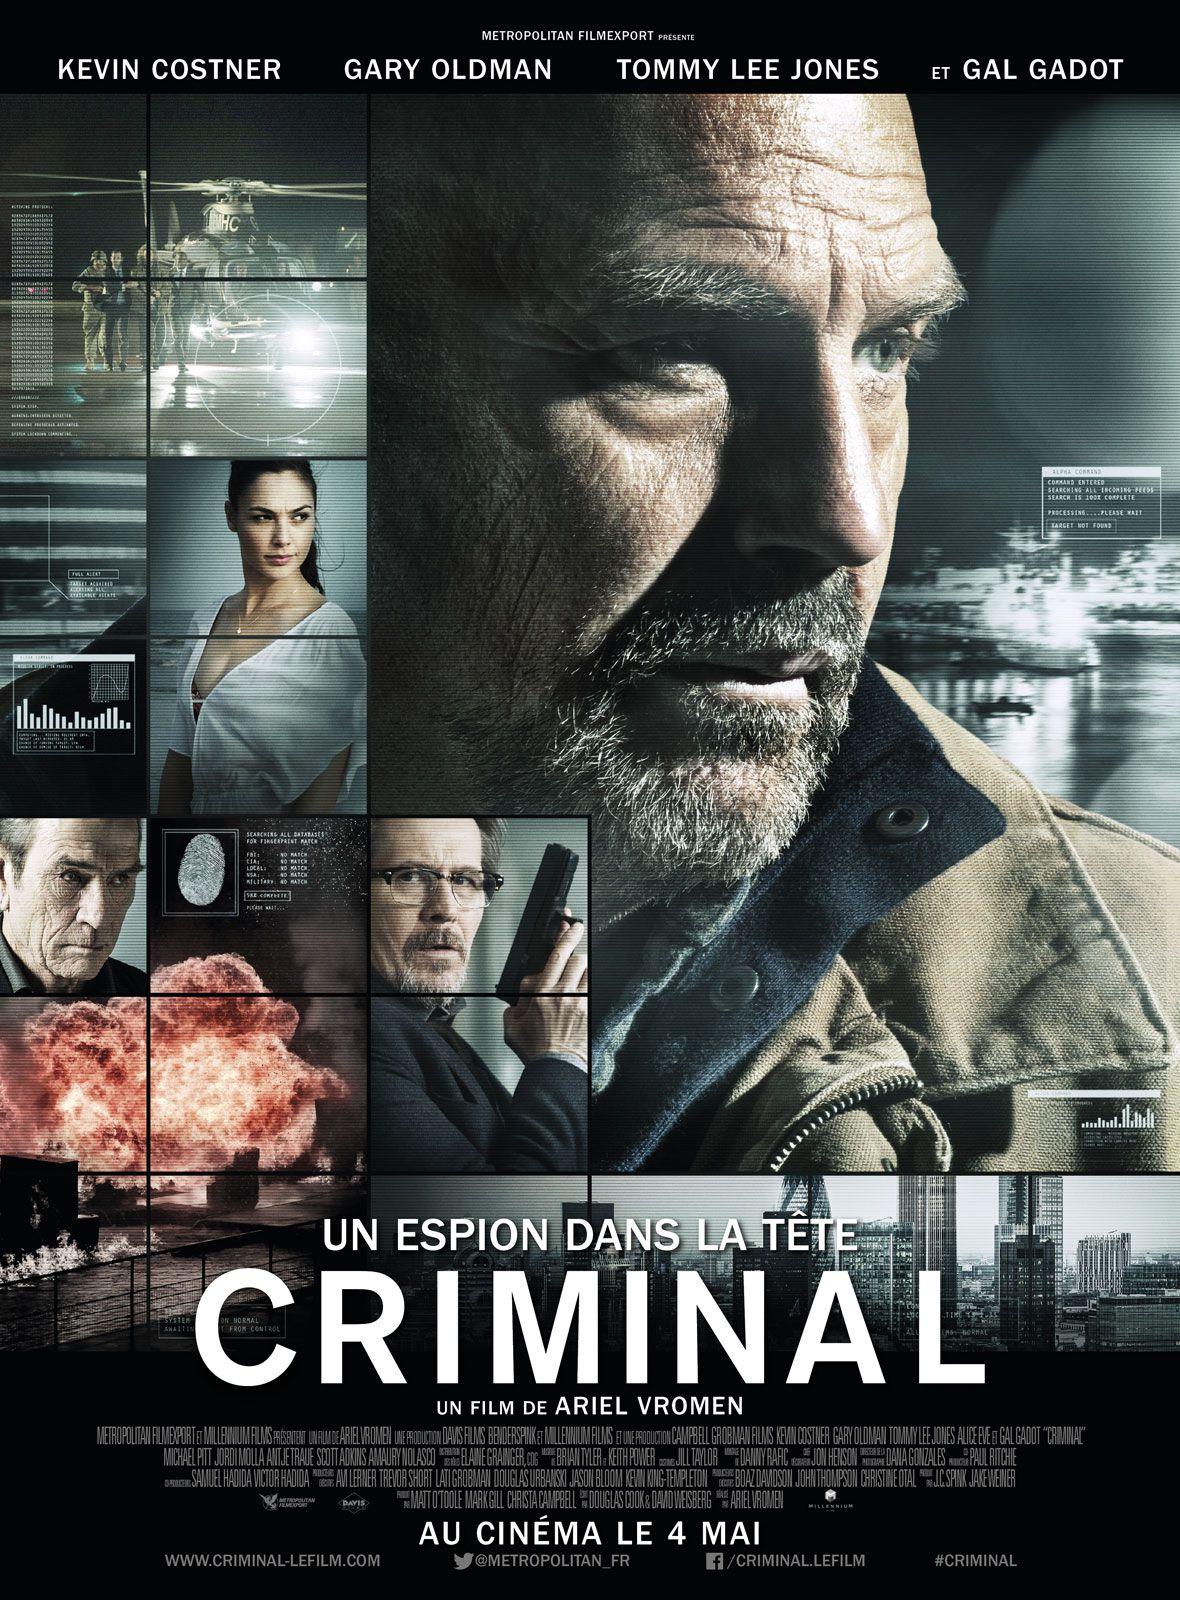 Criminal : Un espion dans la tête - Film (2016)